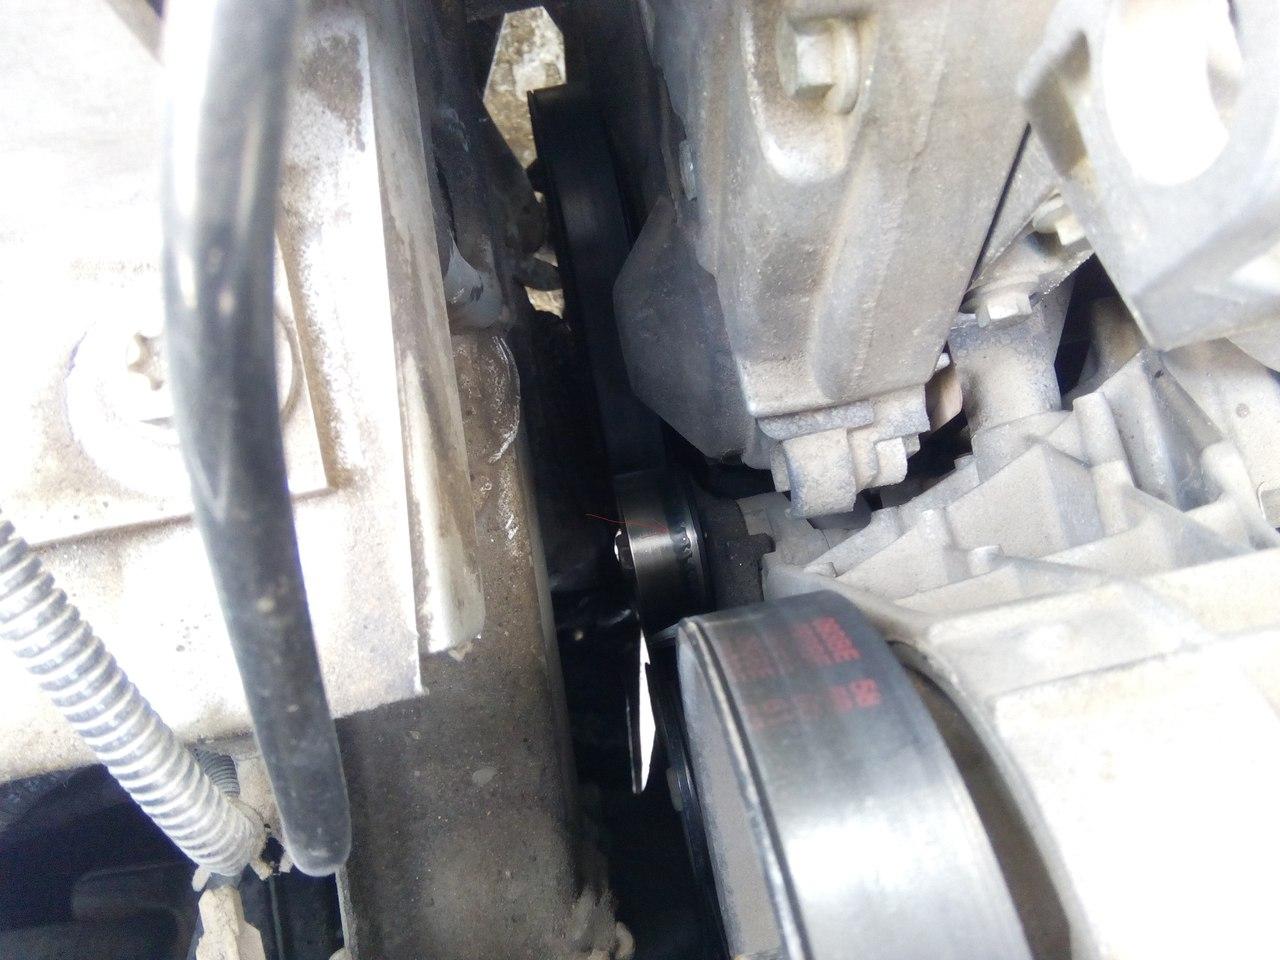 Замена ремня ГРМ Вортекс Тинго 1.8 л с фото и видео - AutoGRM 43